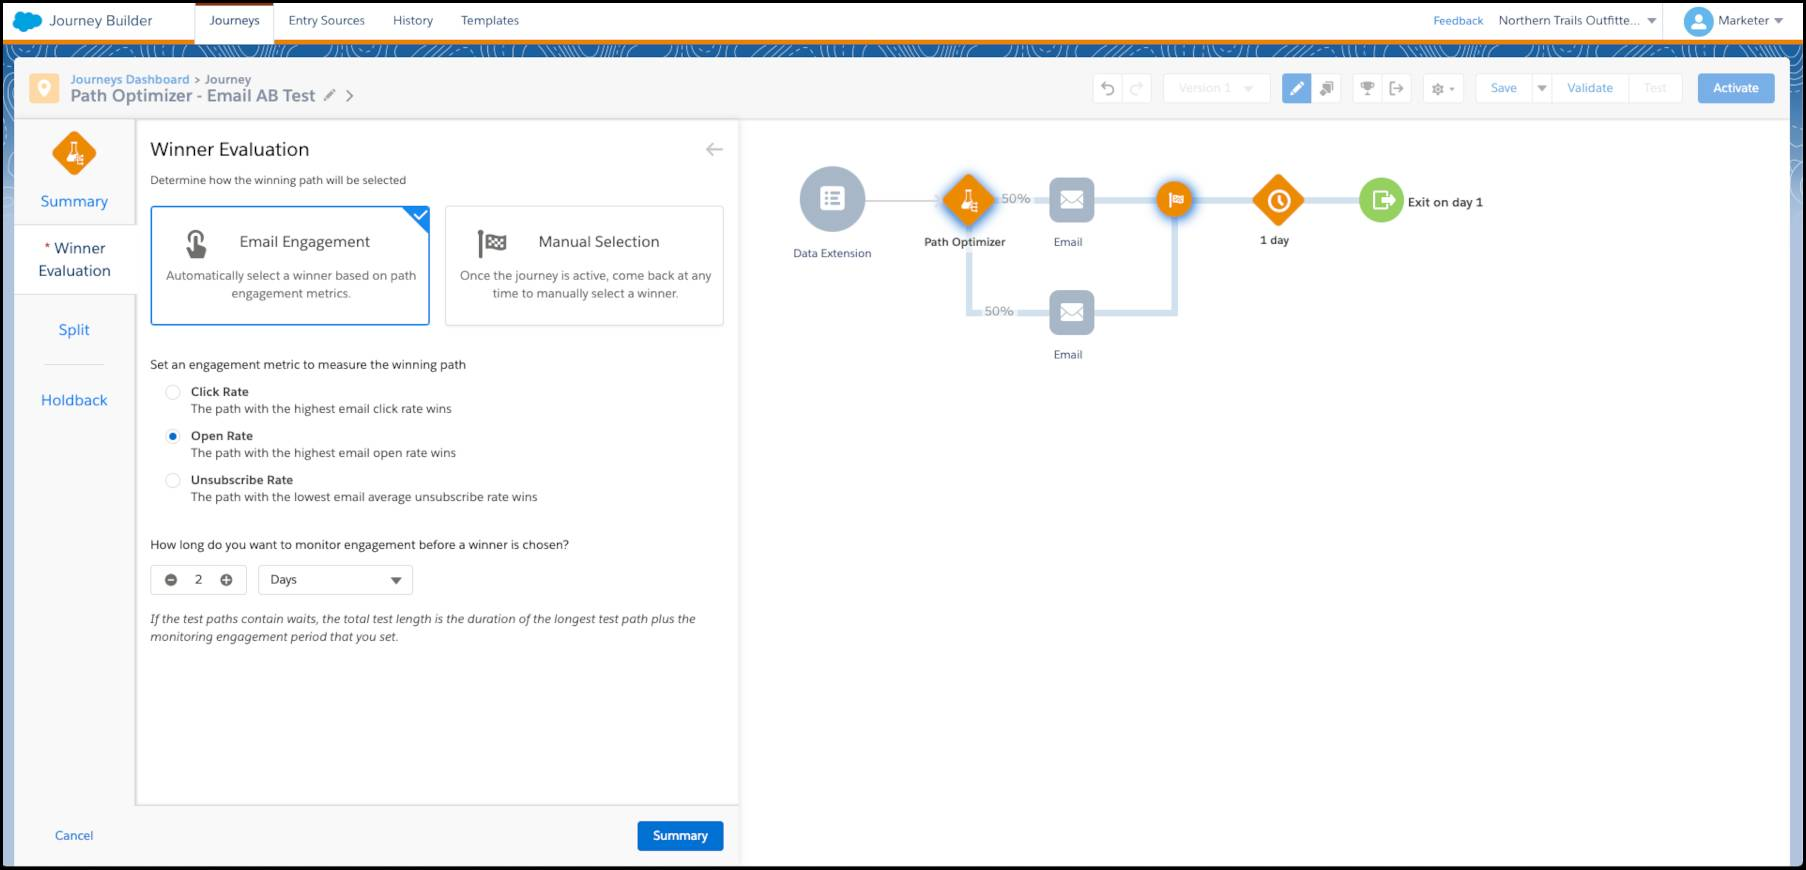 Um caminho de teste A/B de email no Path Optimizer